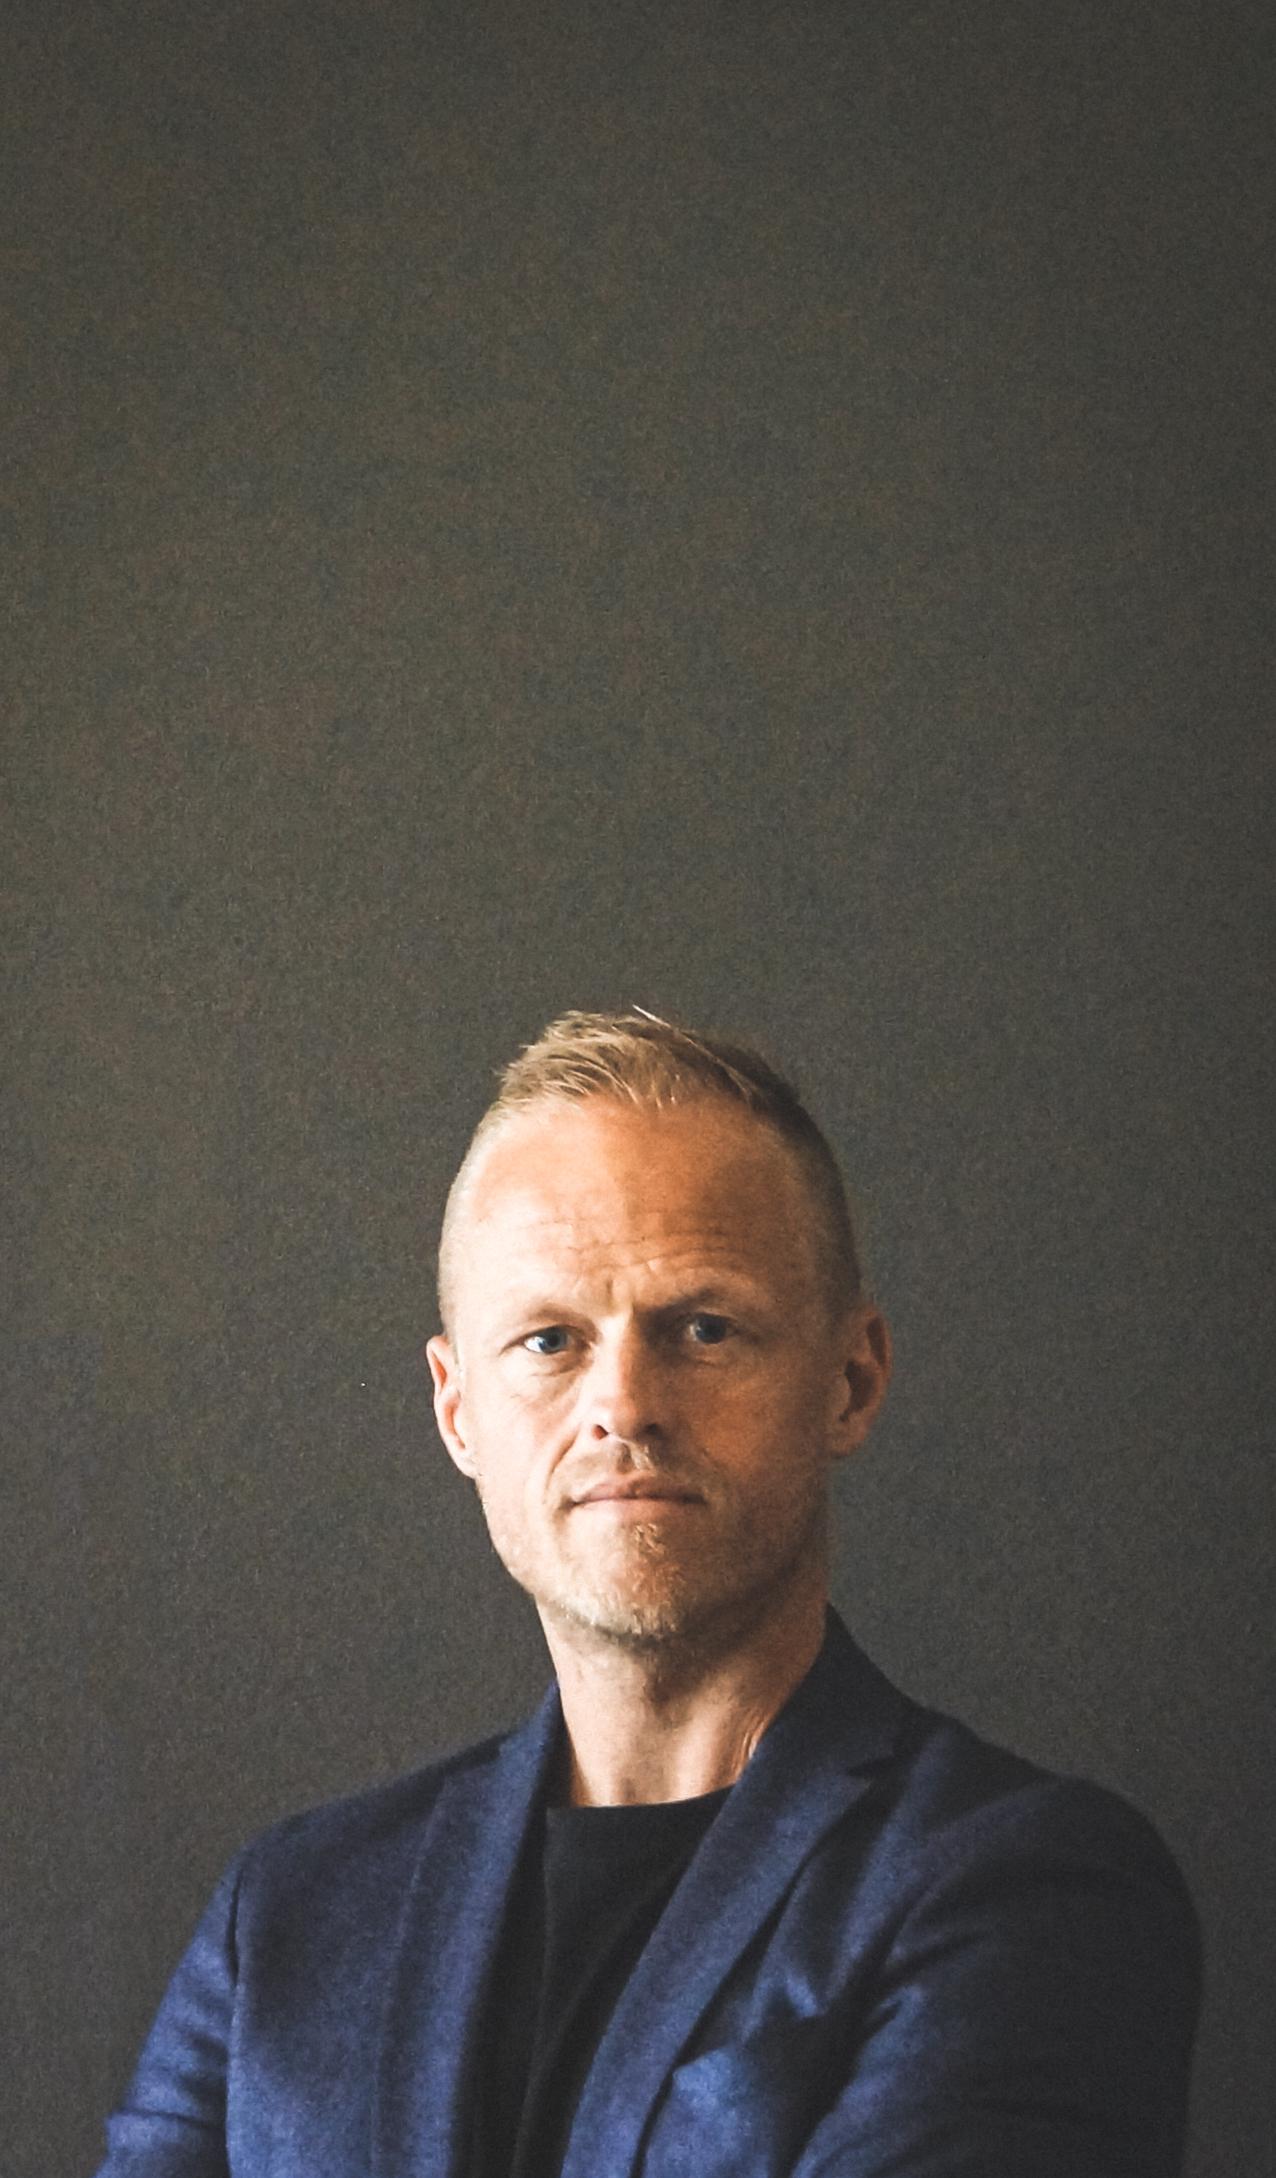 Profil billede af Salgschef Rasmus Nøhr